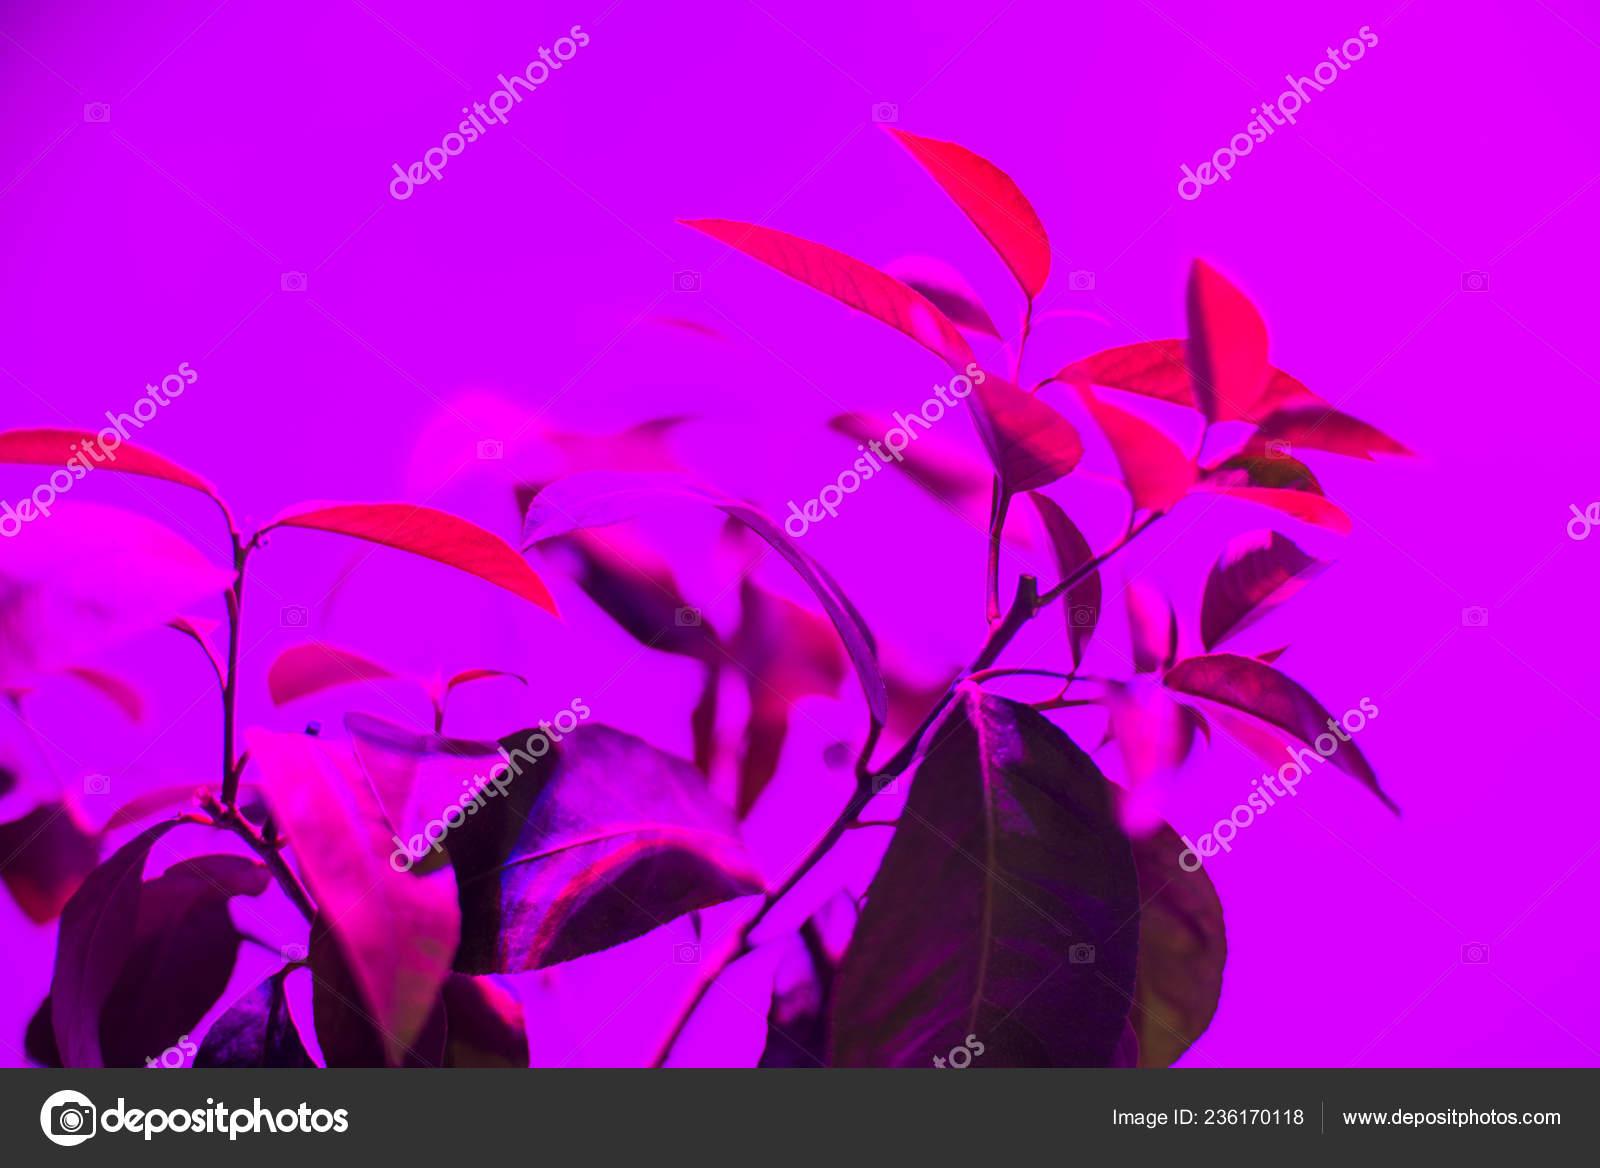 światło Led Roślin Rosną Piękne Fototapety Oświetlenie Led